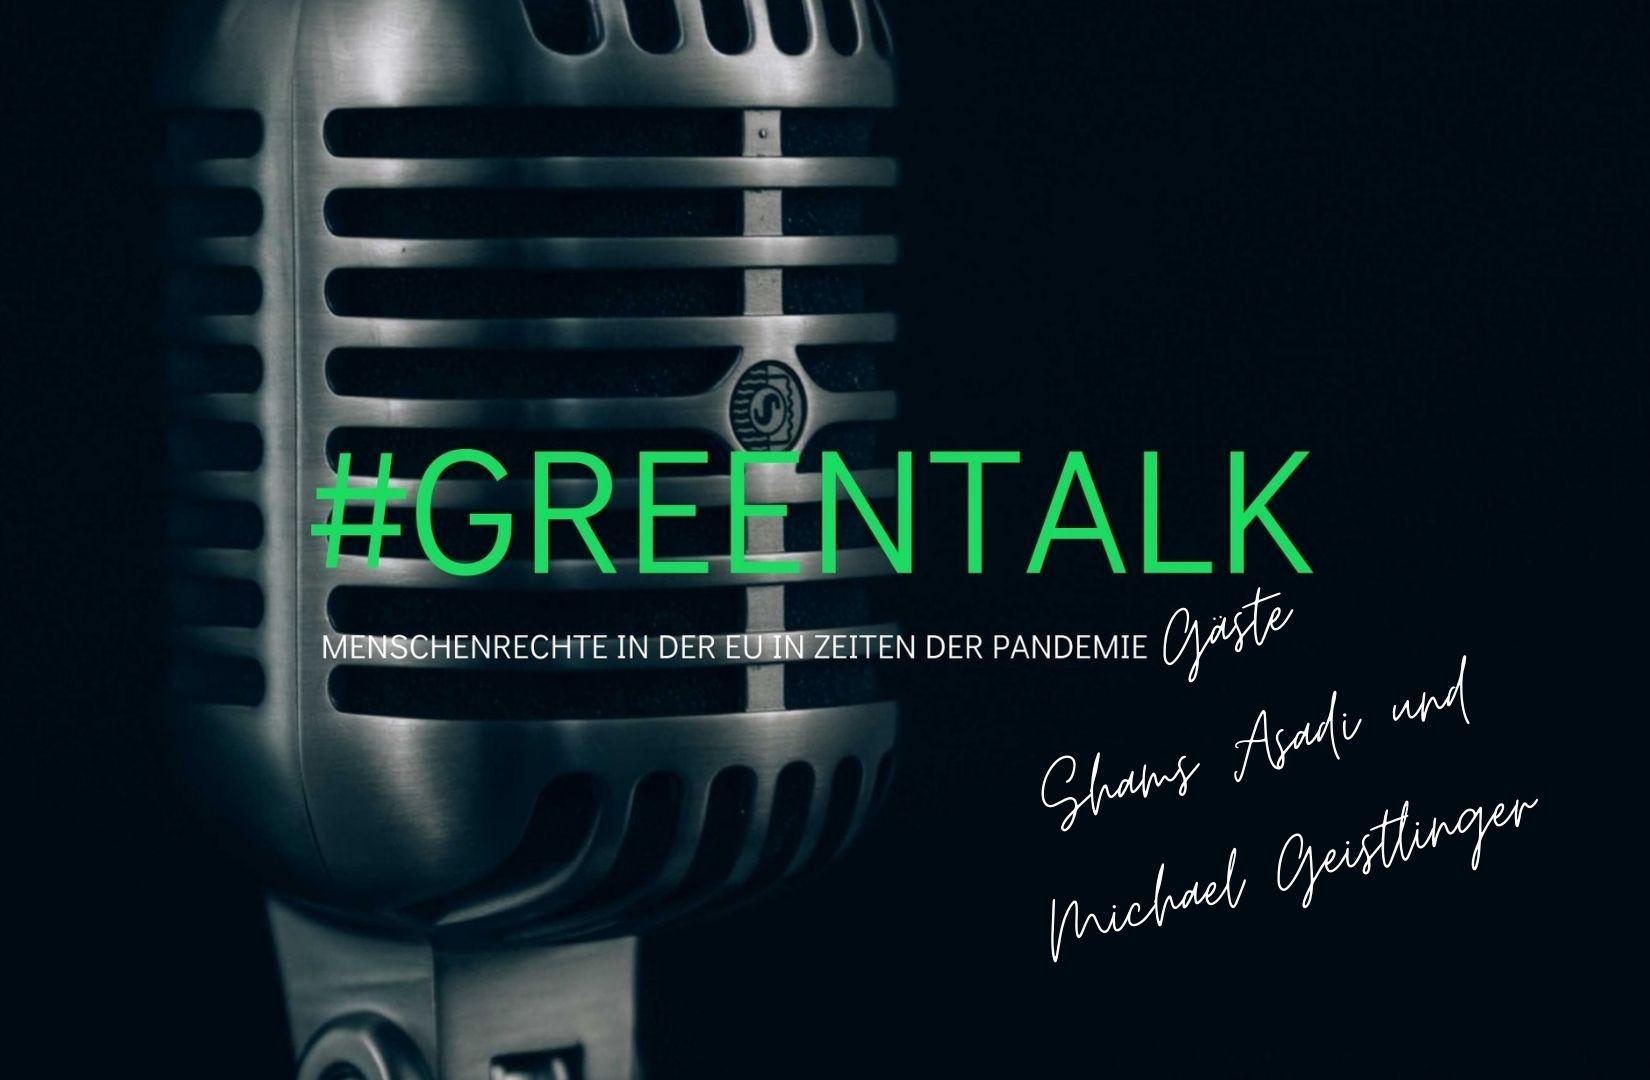 #GreenTalk Special | Gäste: Shams Asadi und Michael Geistlinger